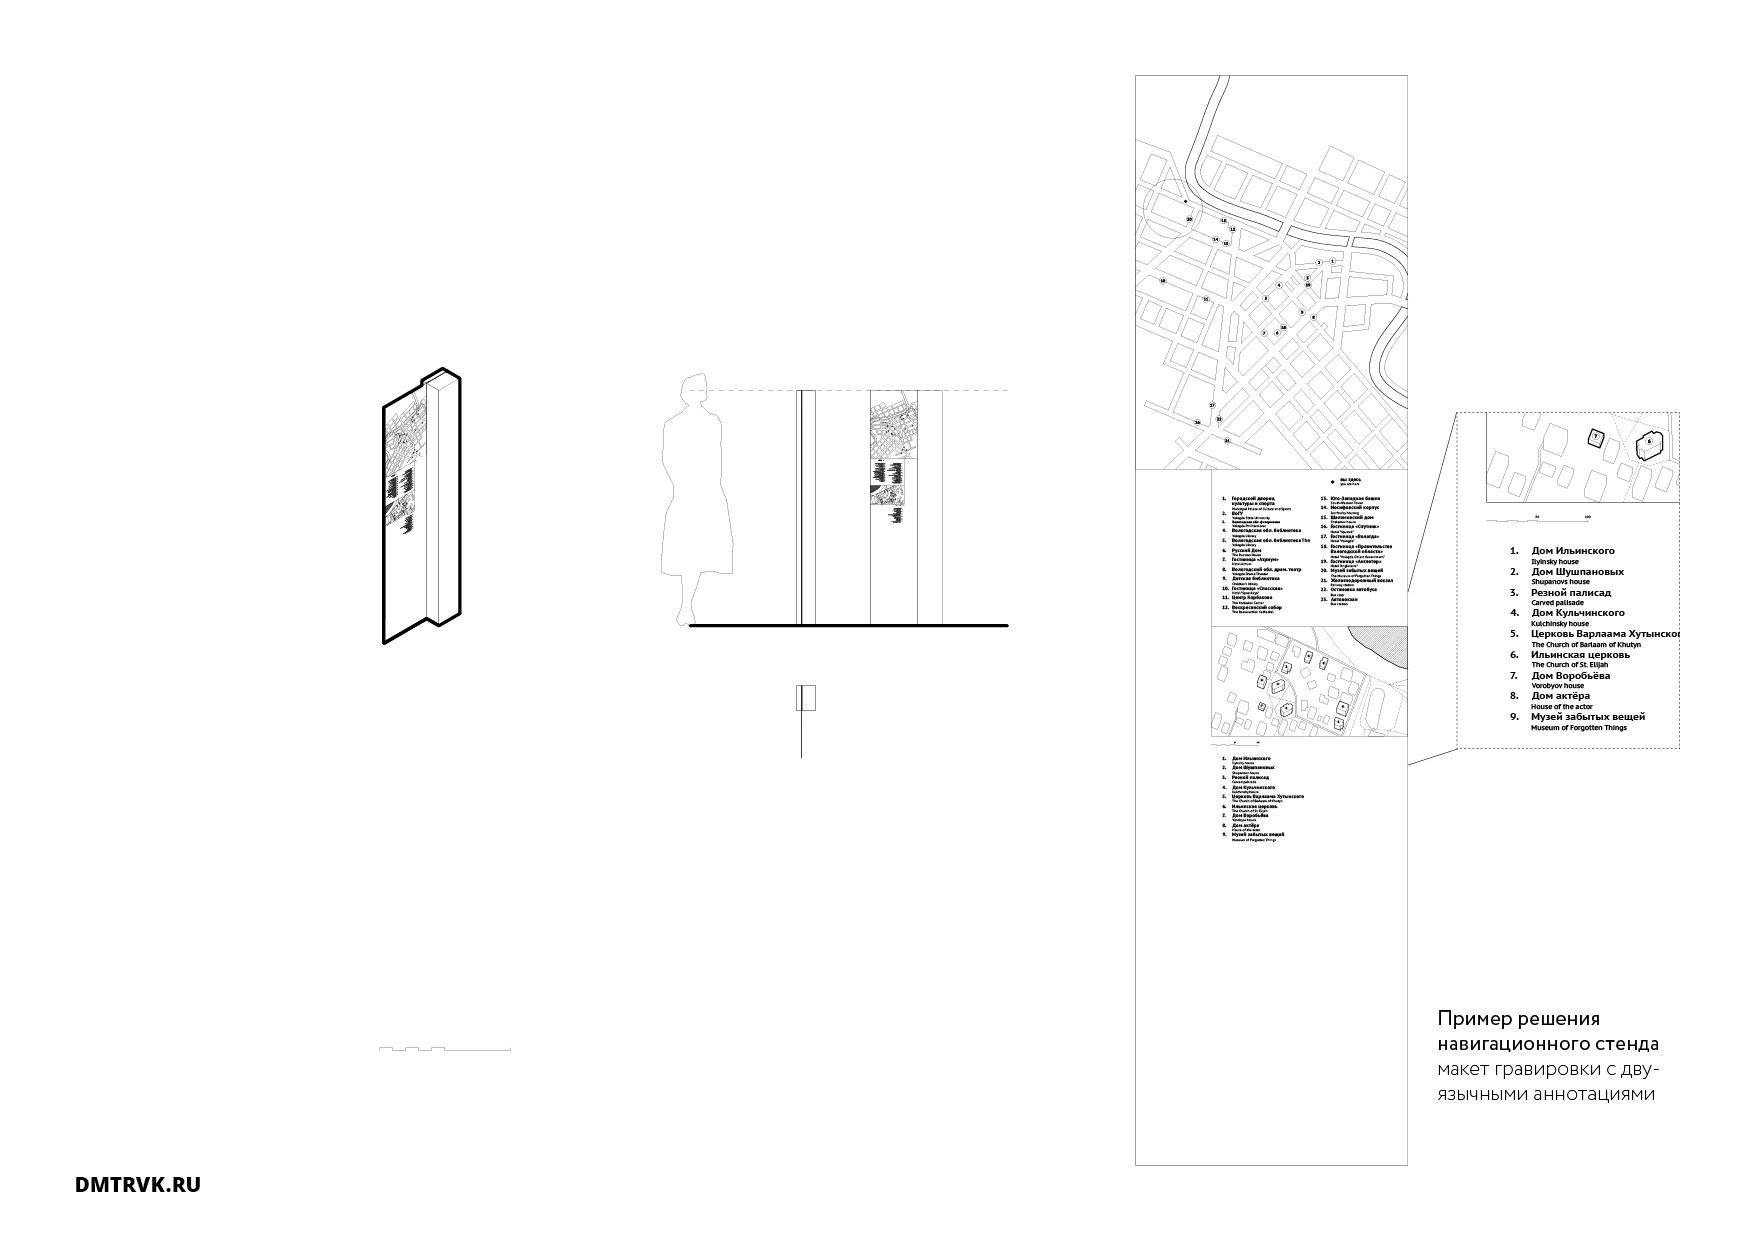 Навигационный стенд, тип 1 и дизайн информационной панели. ©DMTRVK.